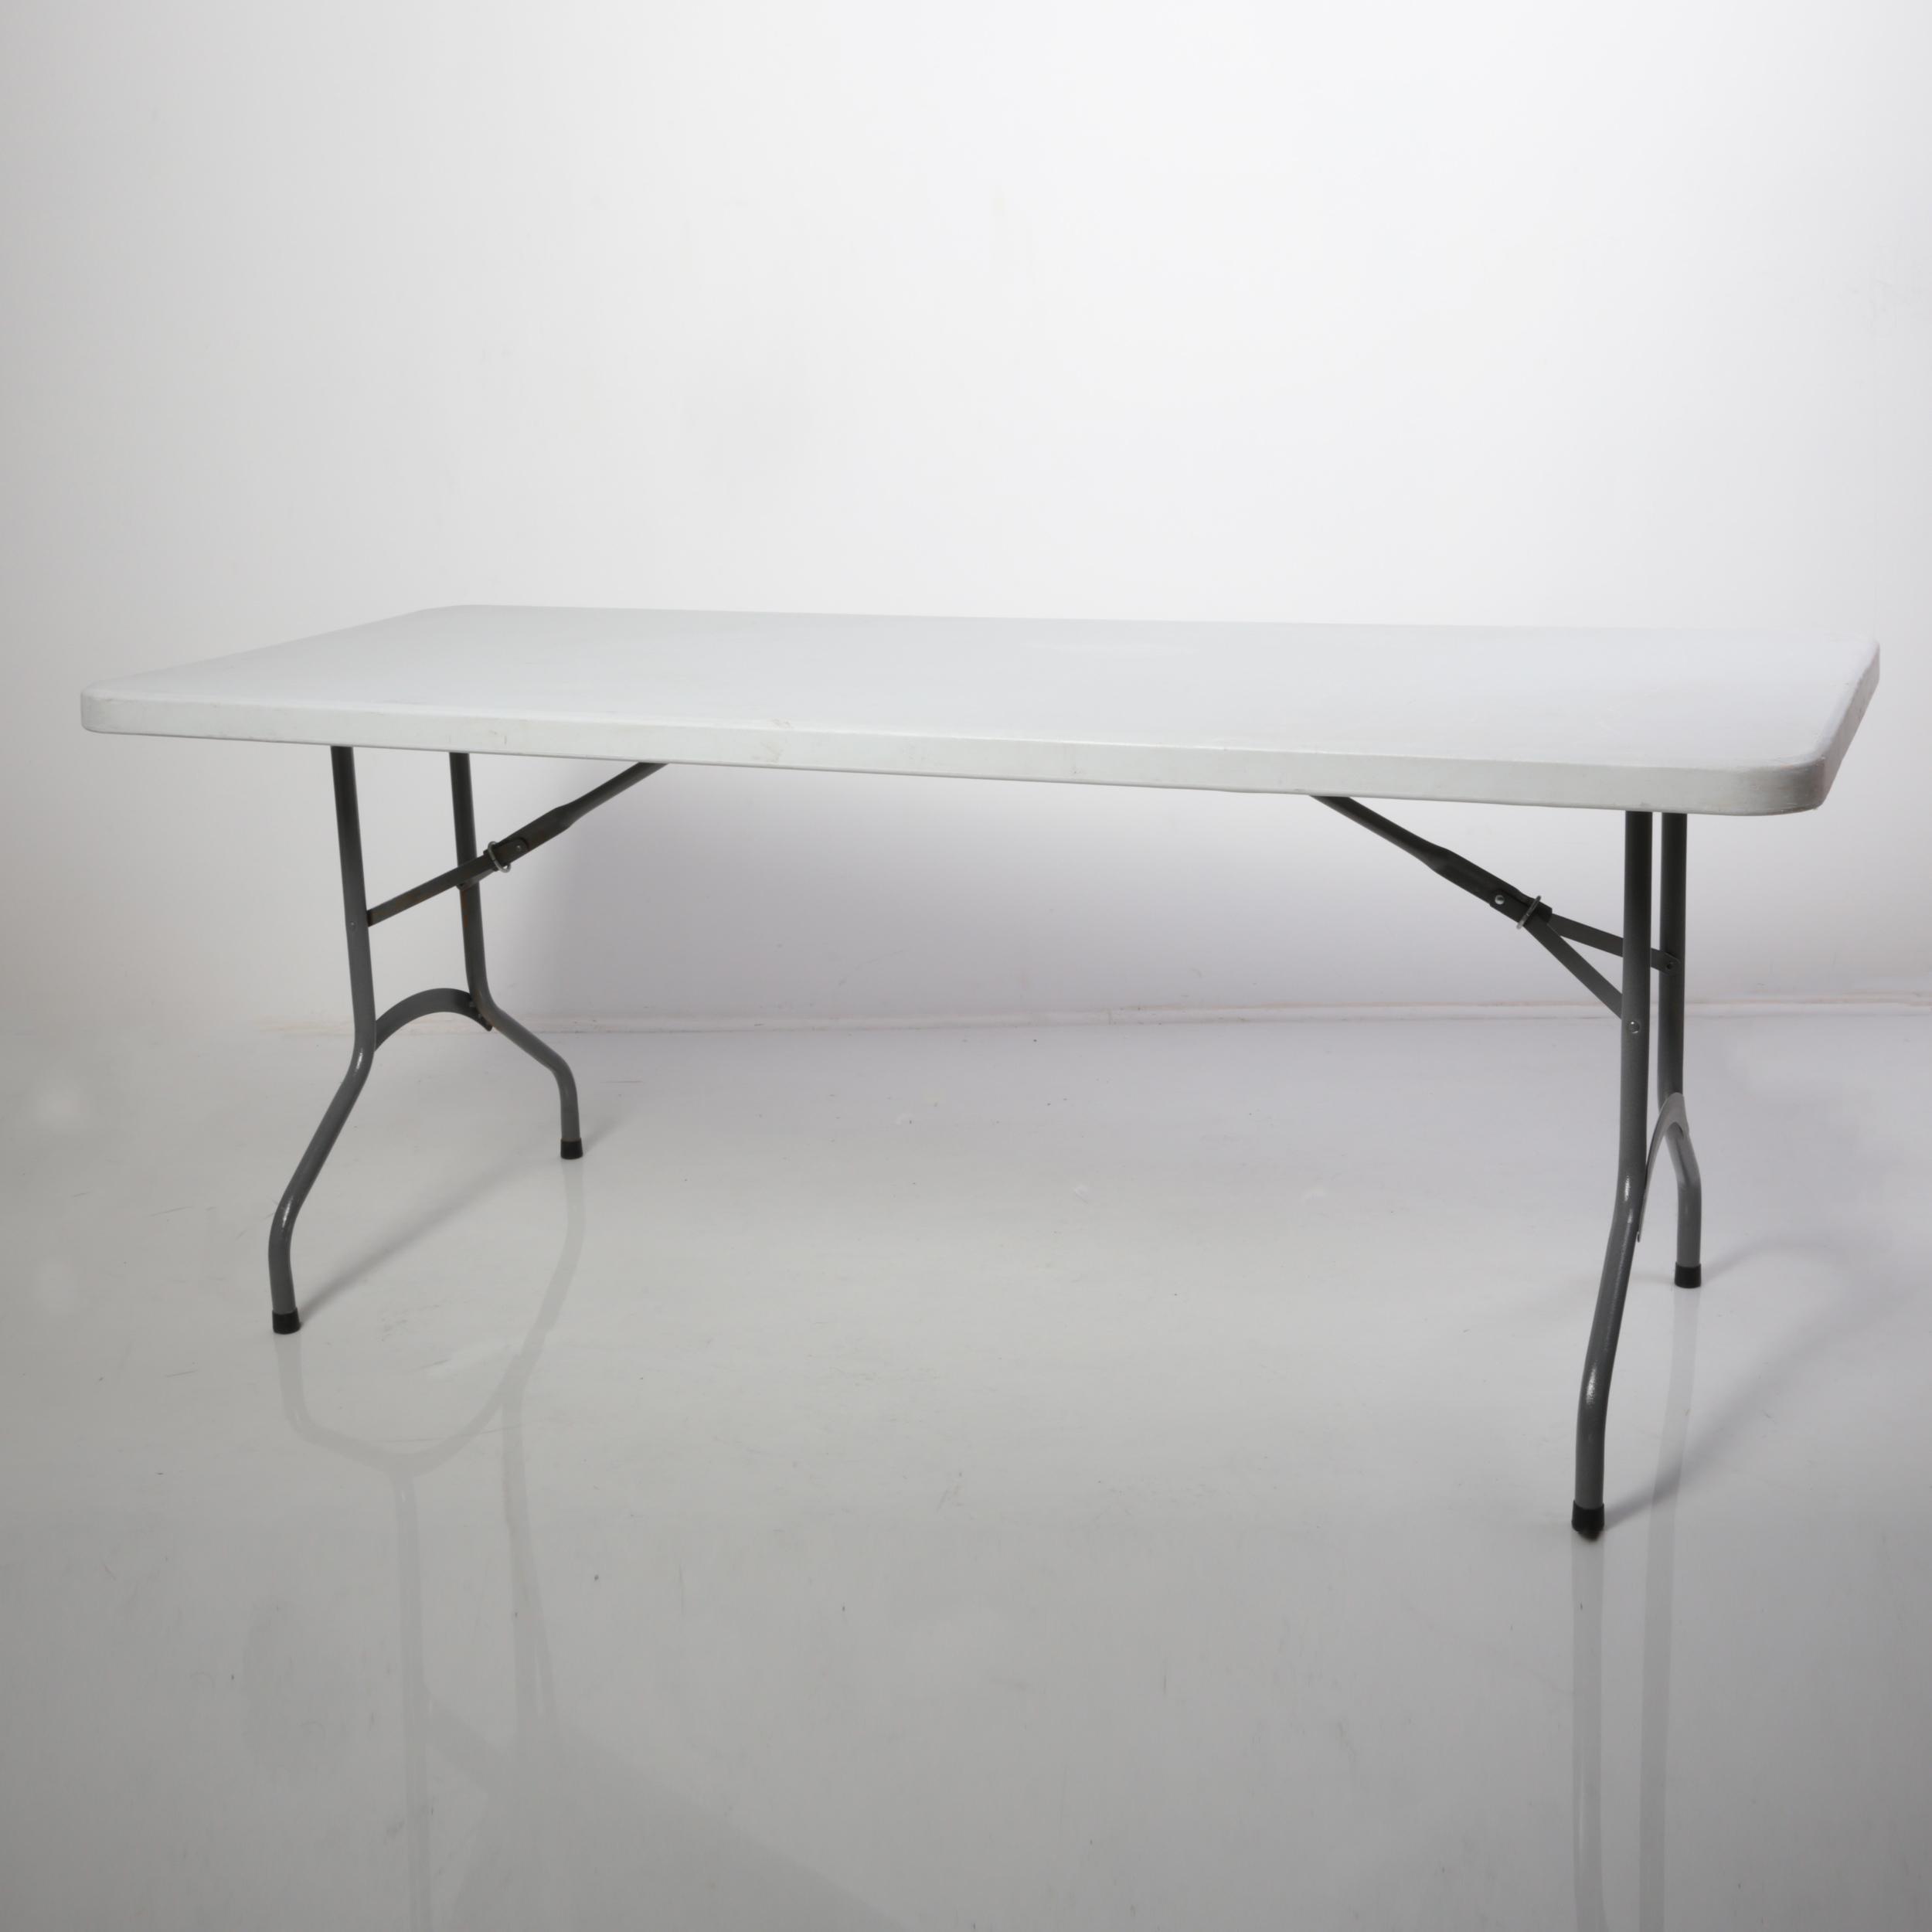 tavolo resina catering 180x80